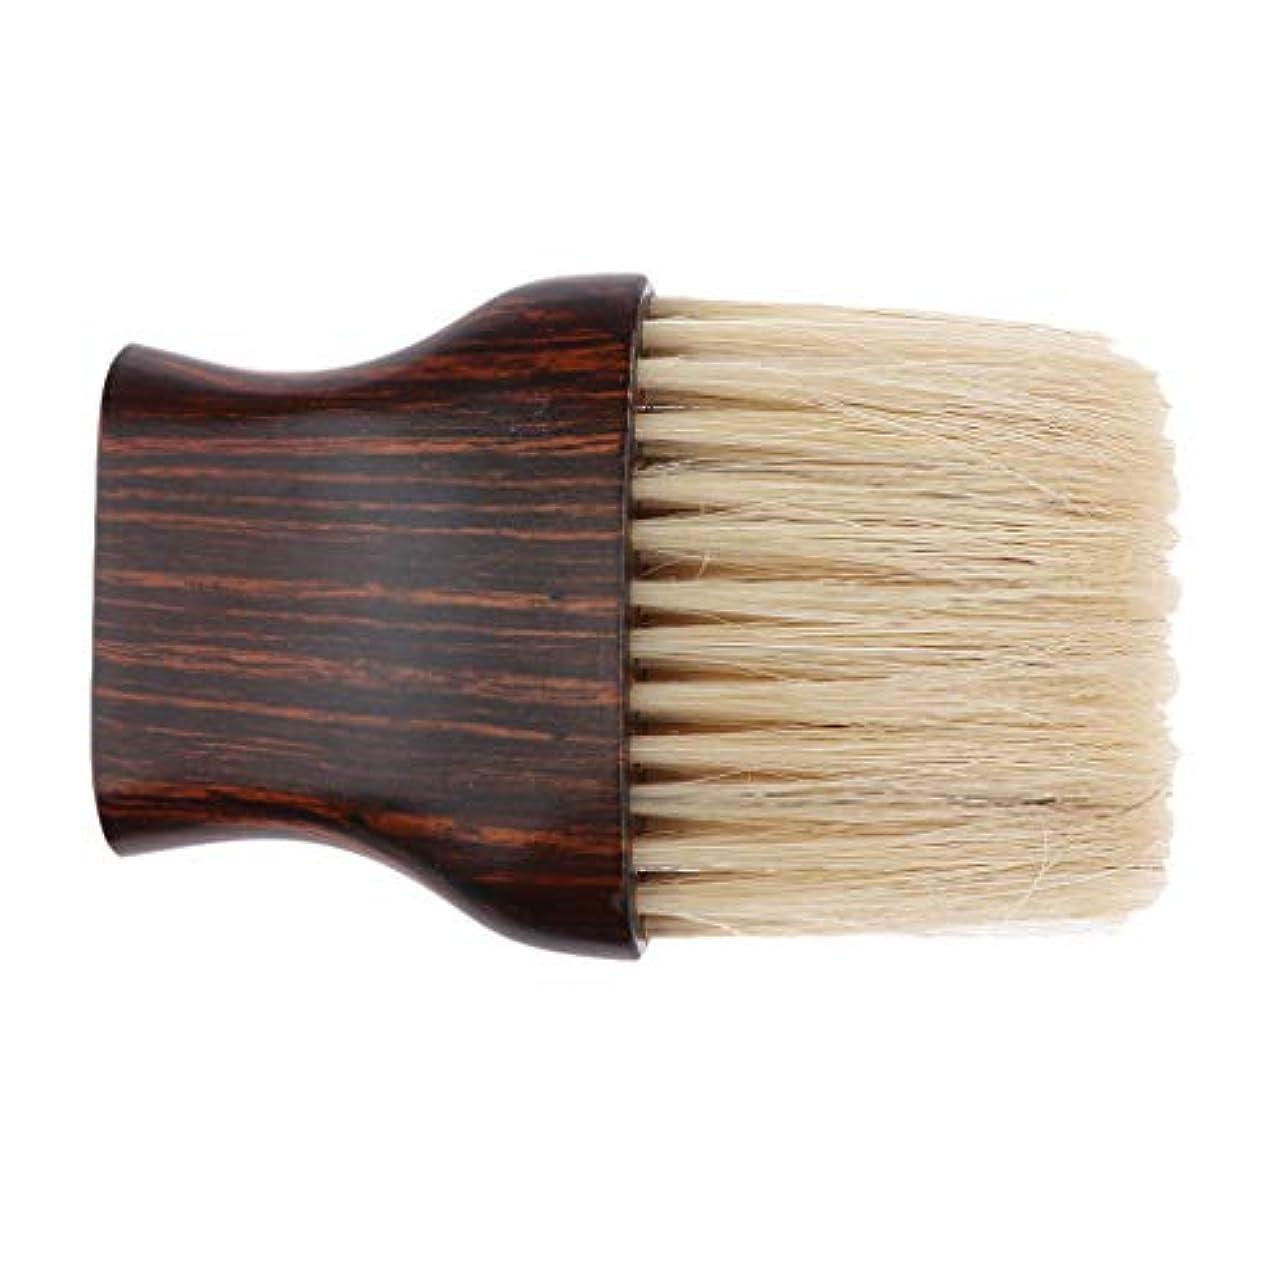 回転豚フラグラントヘアブラシ 毛払いブラシ 木製ハンドル 散髪 髪切り 散髪用ツール 理髪店 美容院 ソフトブラシ